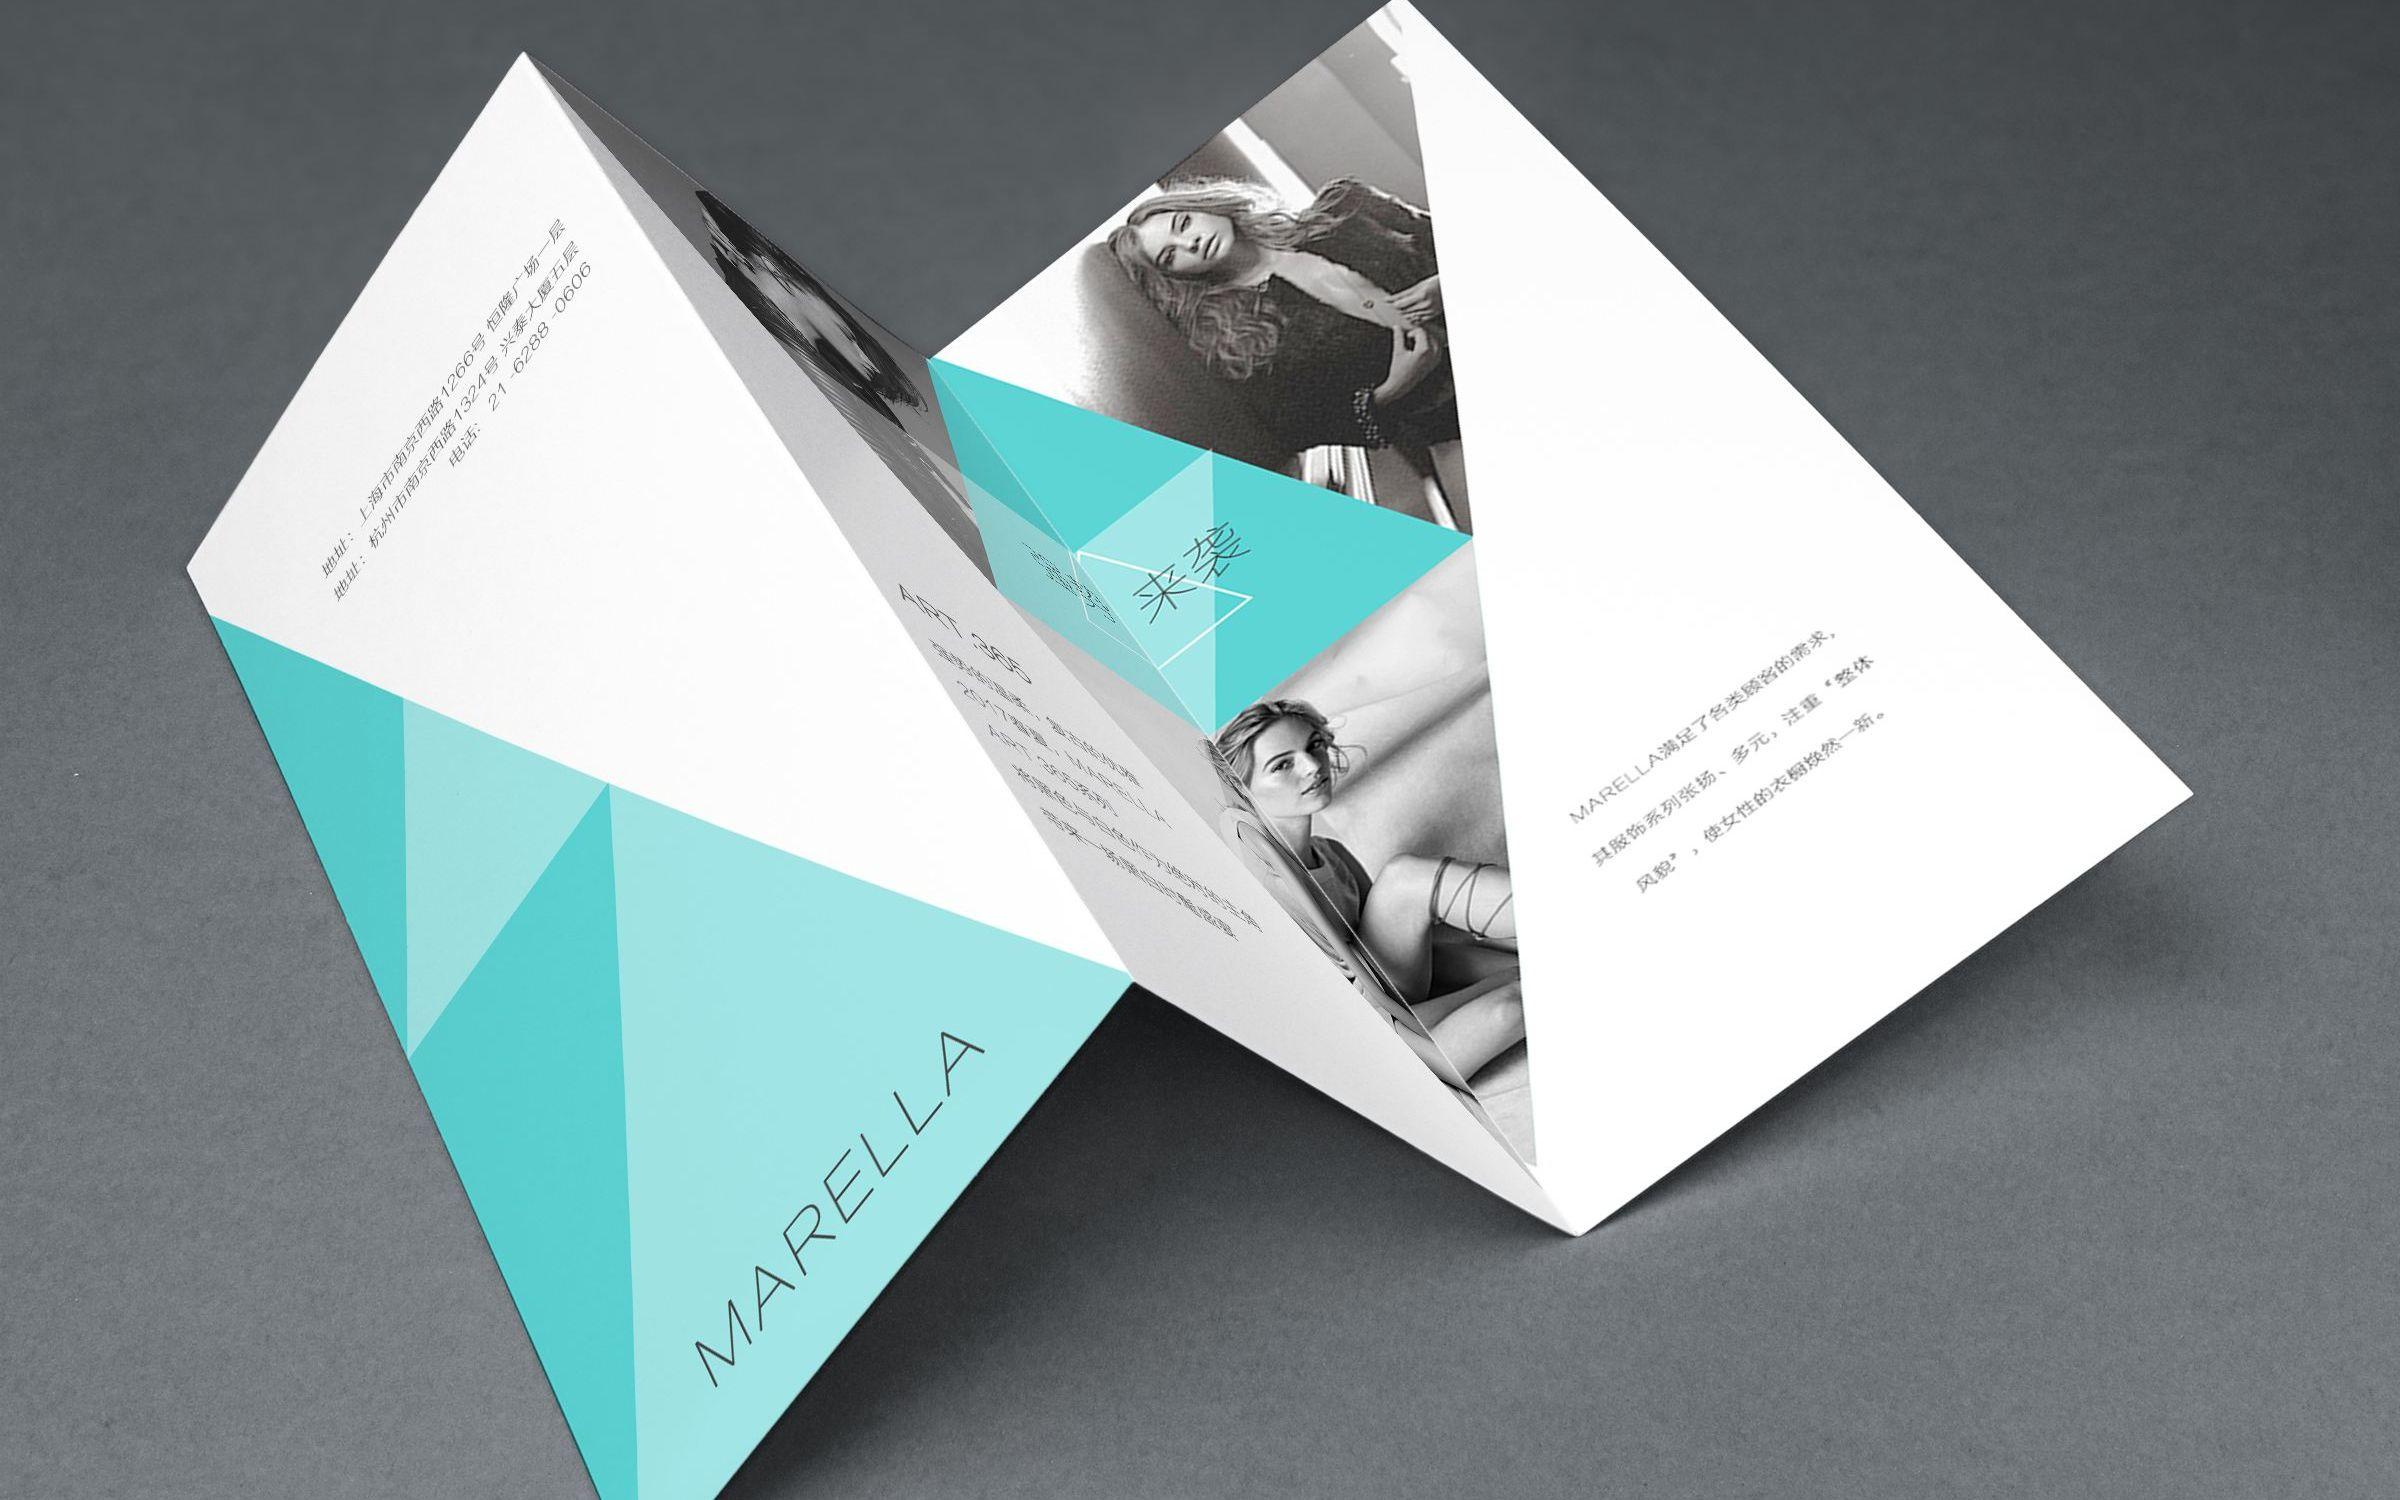 ps三折页宣传单设计教程ps平面设计版式设计ps三折页海报设计步骤图片